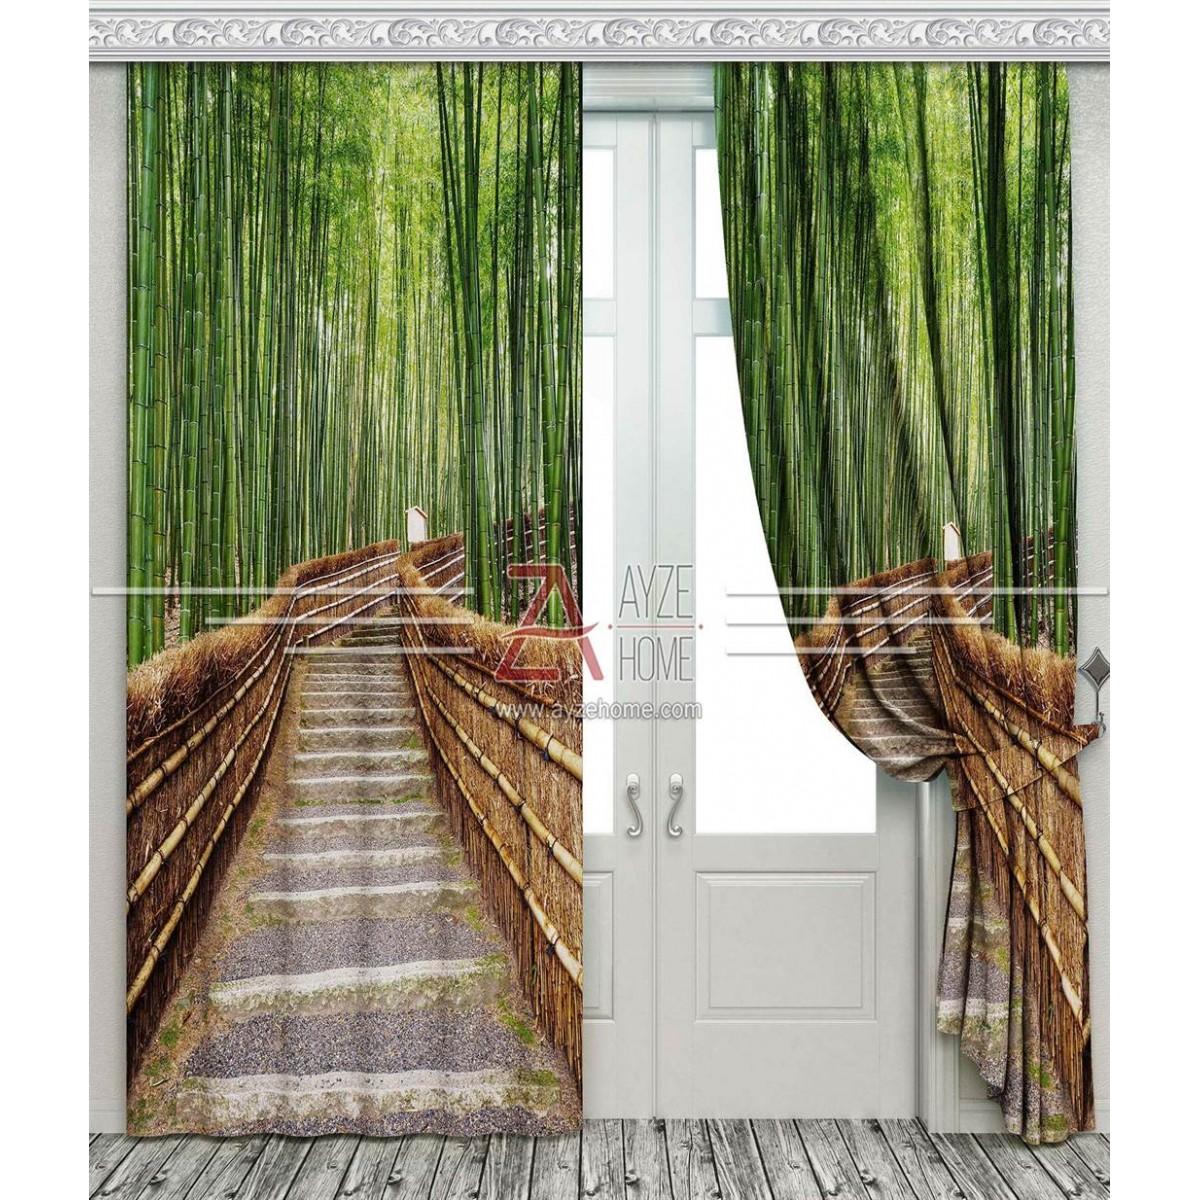 Salon - Bambu Ağaçları Yol Derinlik - Baskılı Fon Perde